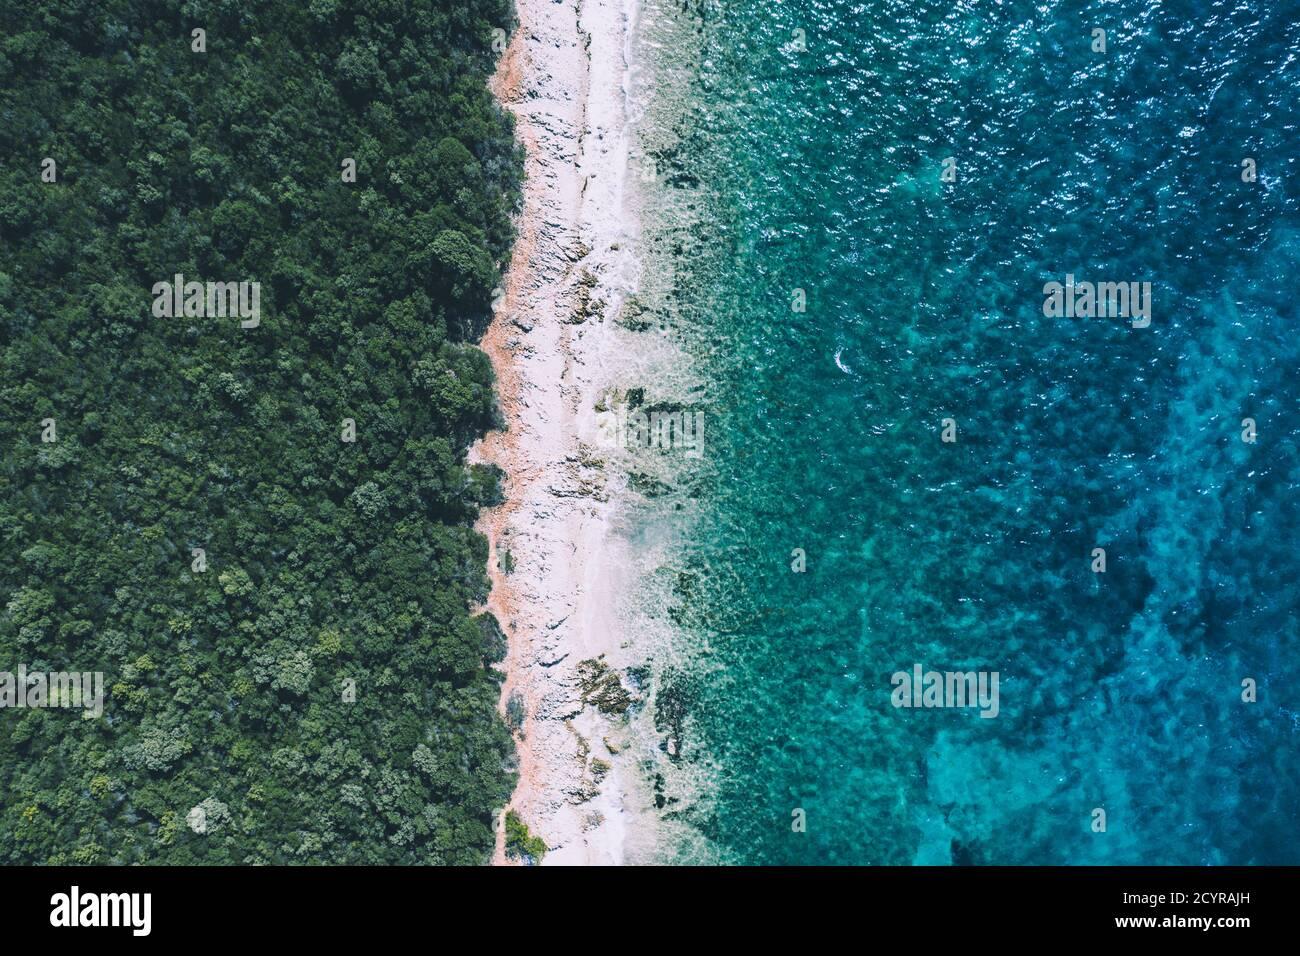 Concepto creativo de playa mínima. Distribución de vacaciones de verano con agua azul y arena sobre fondo brillante. Lay plano. Foto de stock